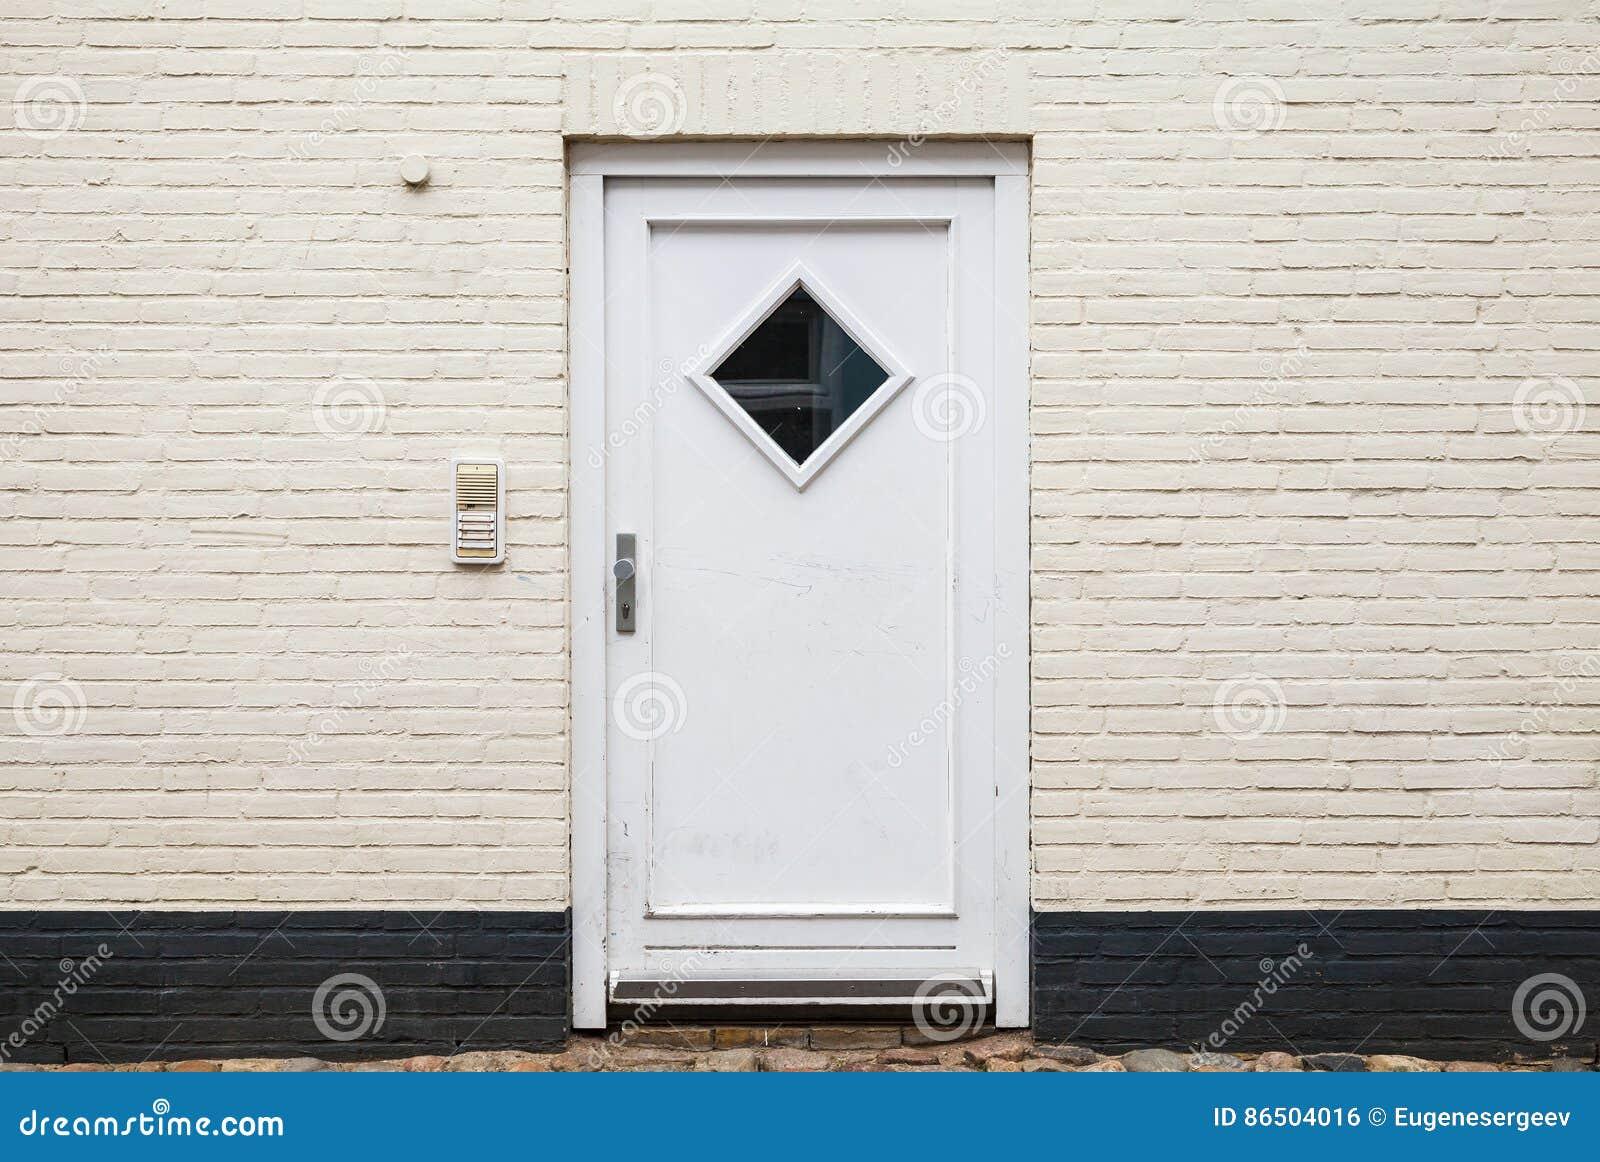 White Wood Door Texture white wooden door in brick wall, texture stock photo - image: 86504016